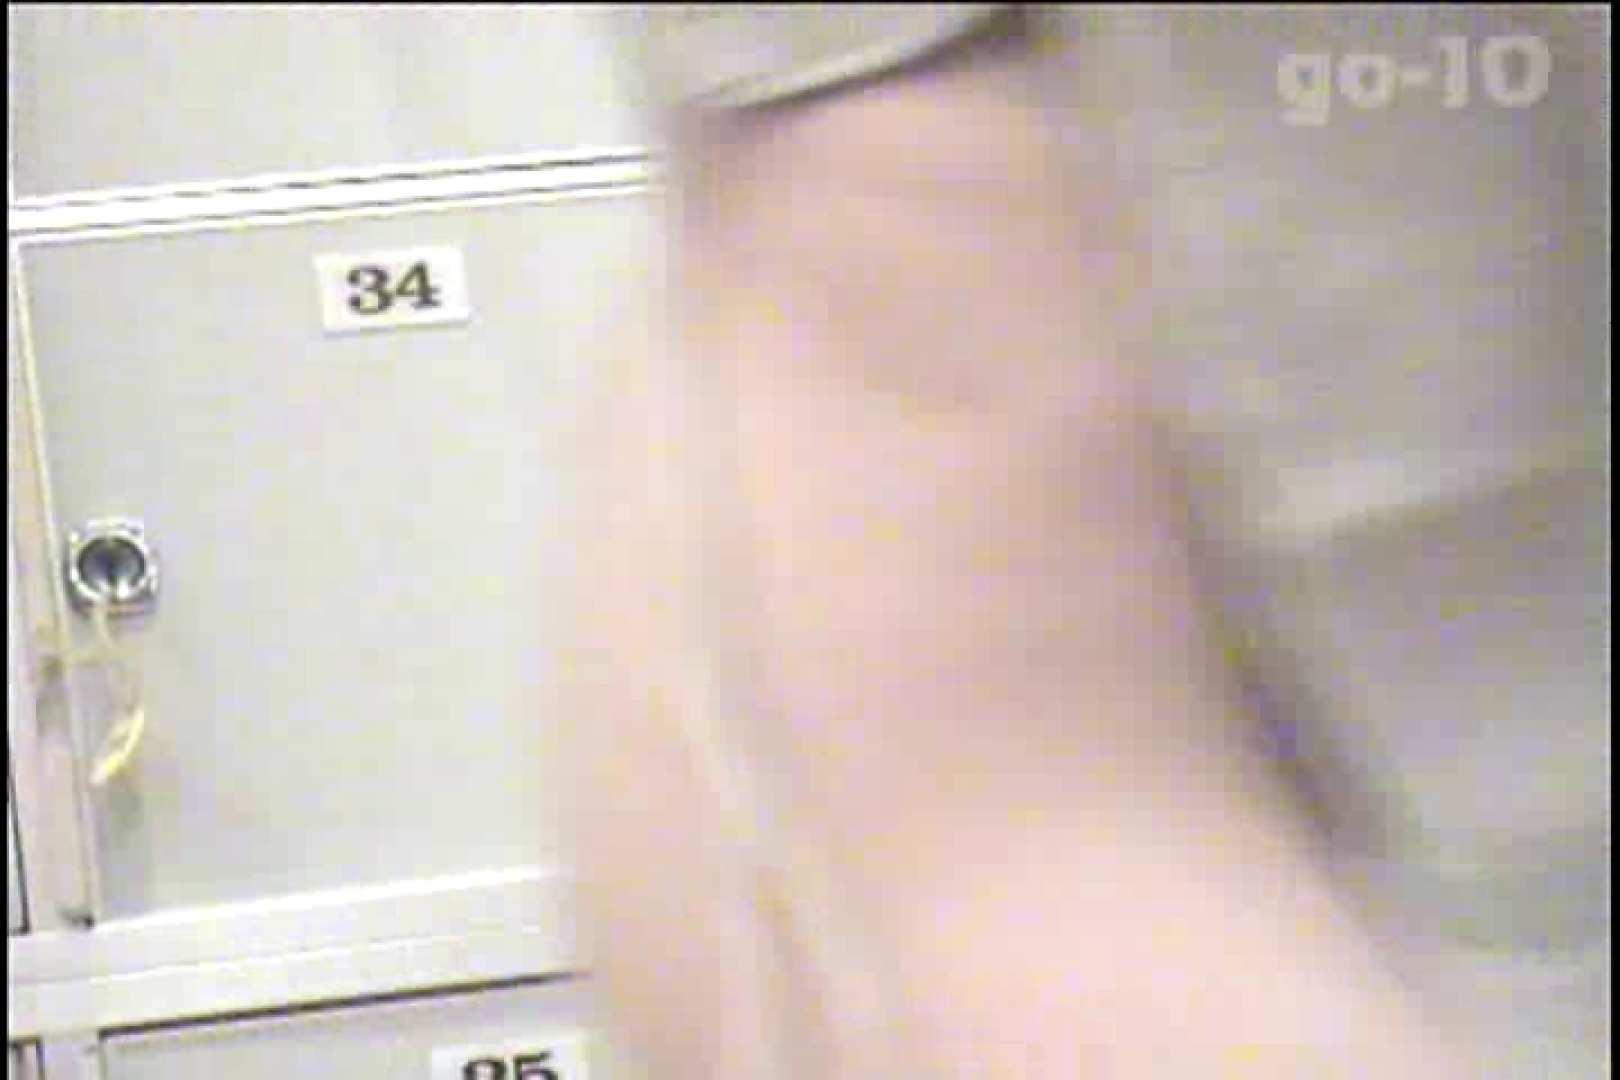 電波カメラ設置浴場からの防HAN映像 Vol.10 OL女体  86連発 21